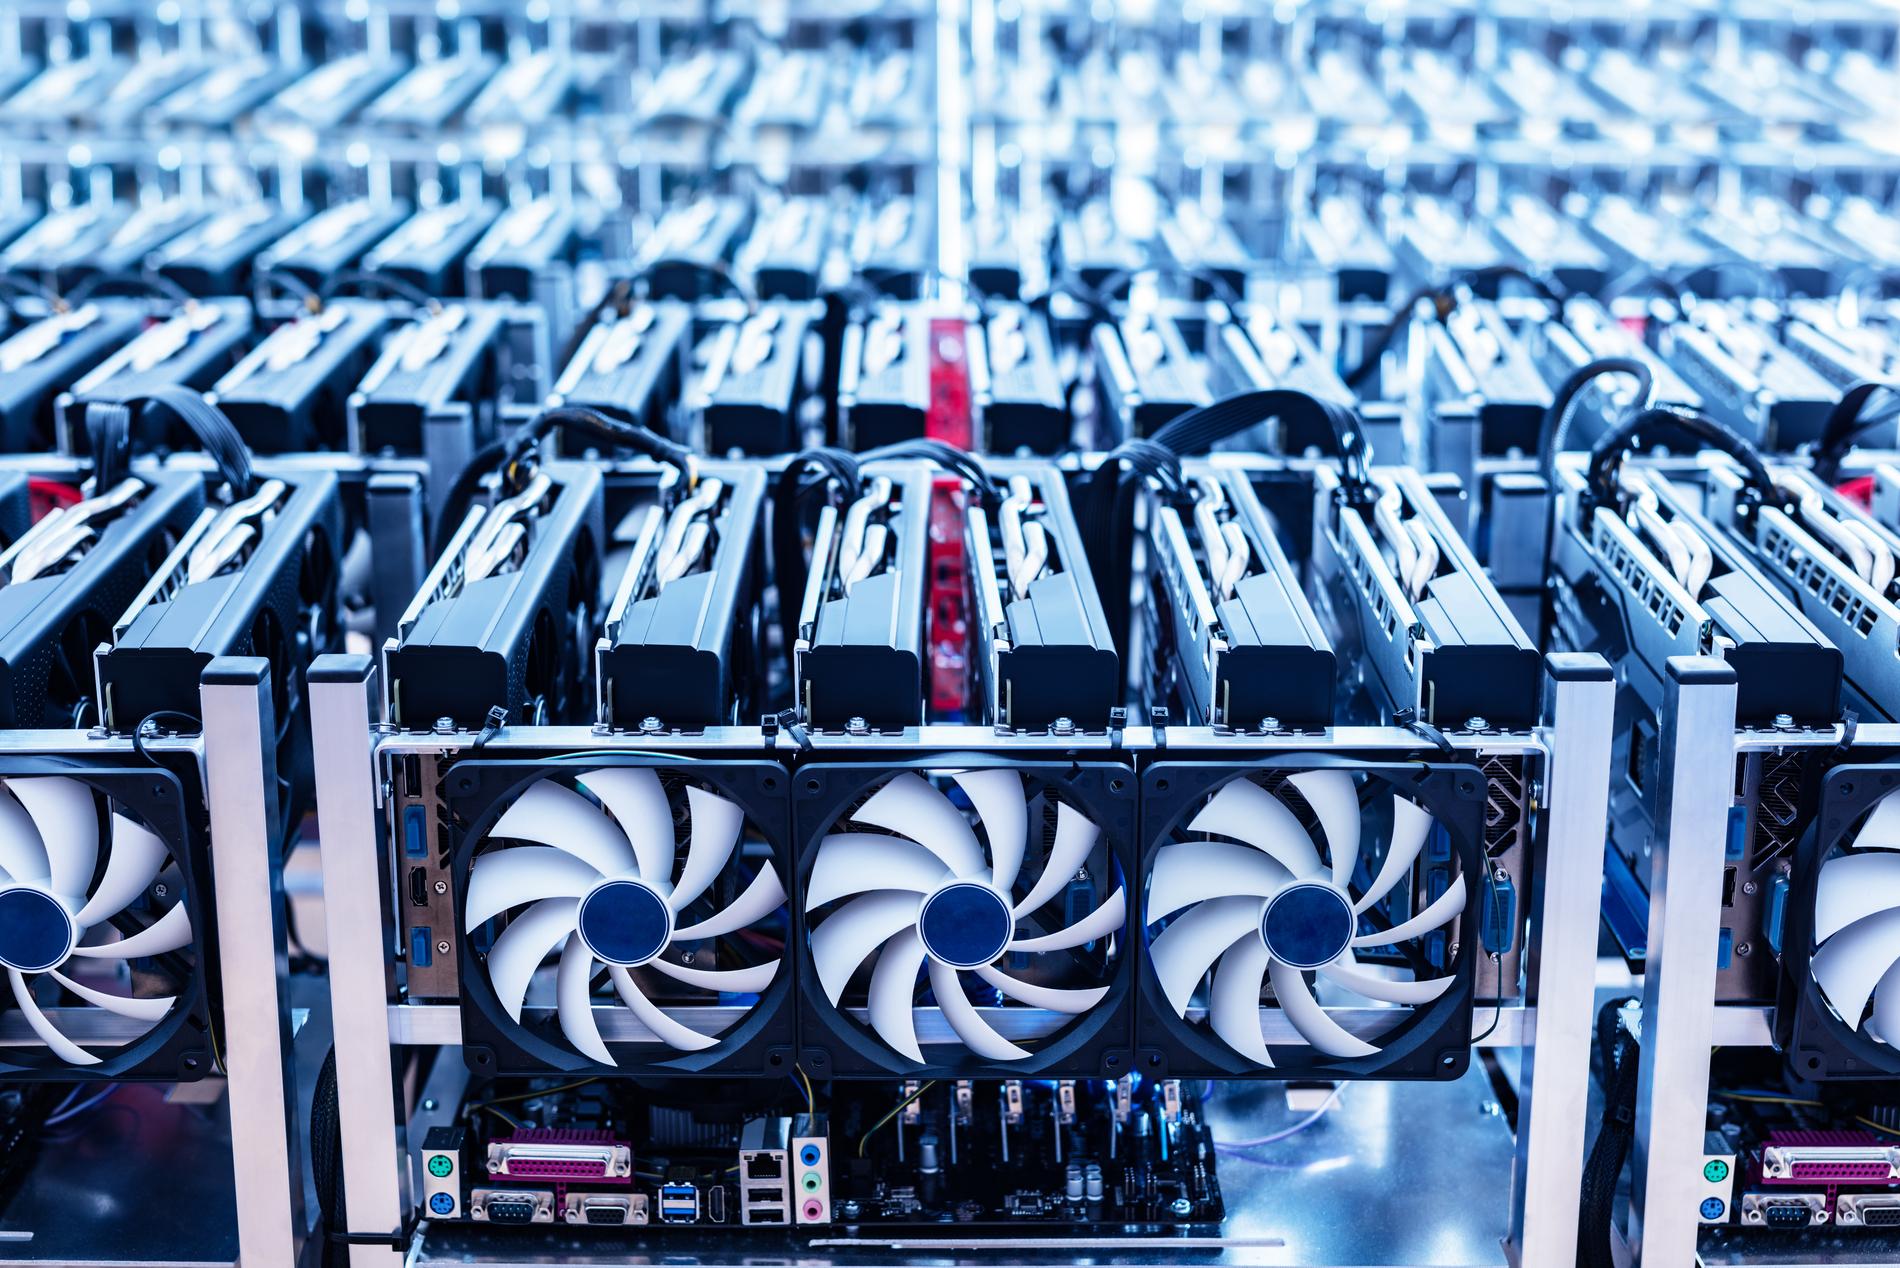 Mesin (Mining) Penambangan Bitcoin Terbaik (Perbandingan Keuntungan ASIC)